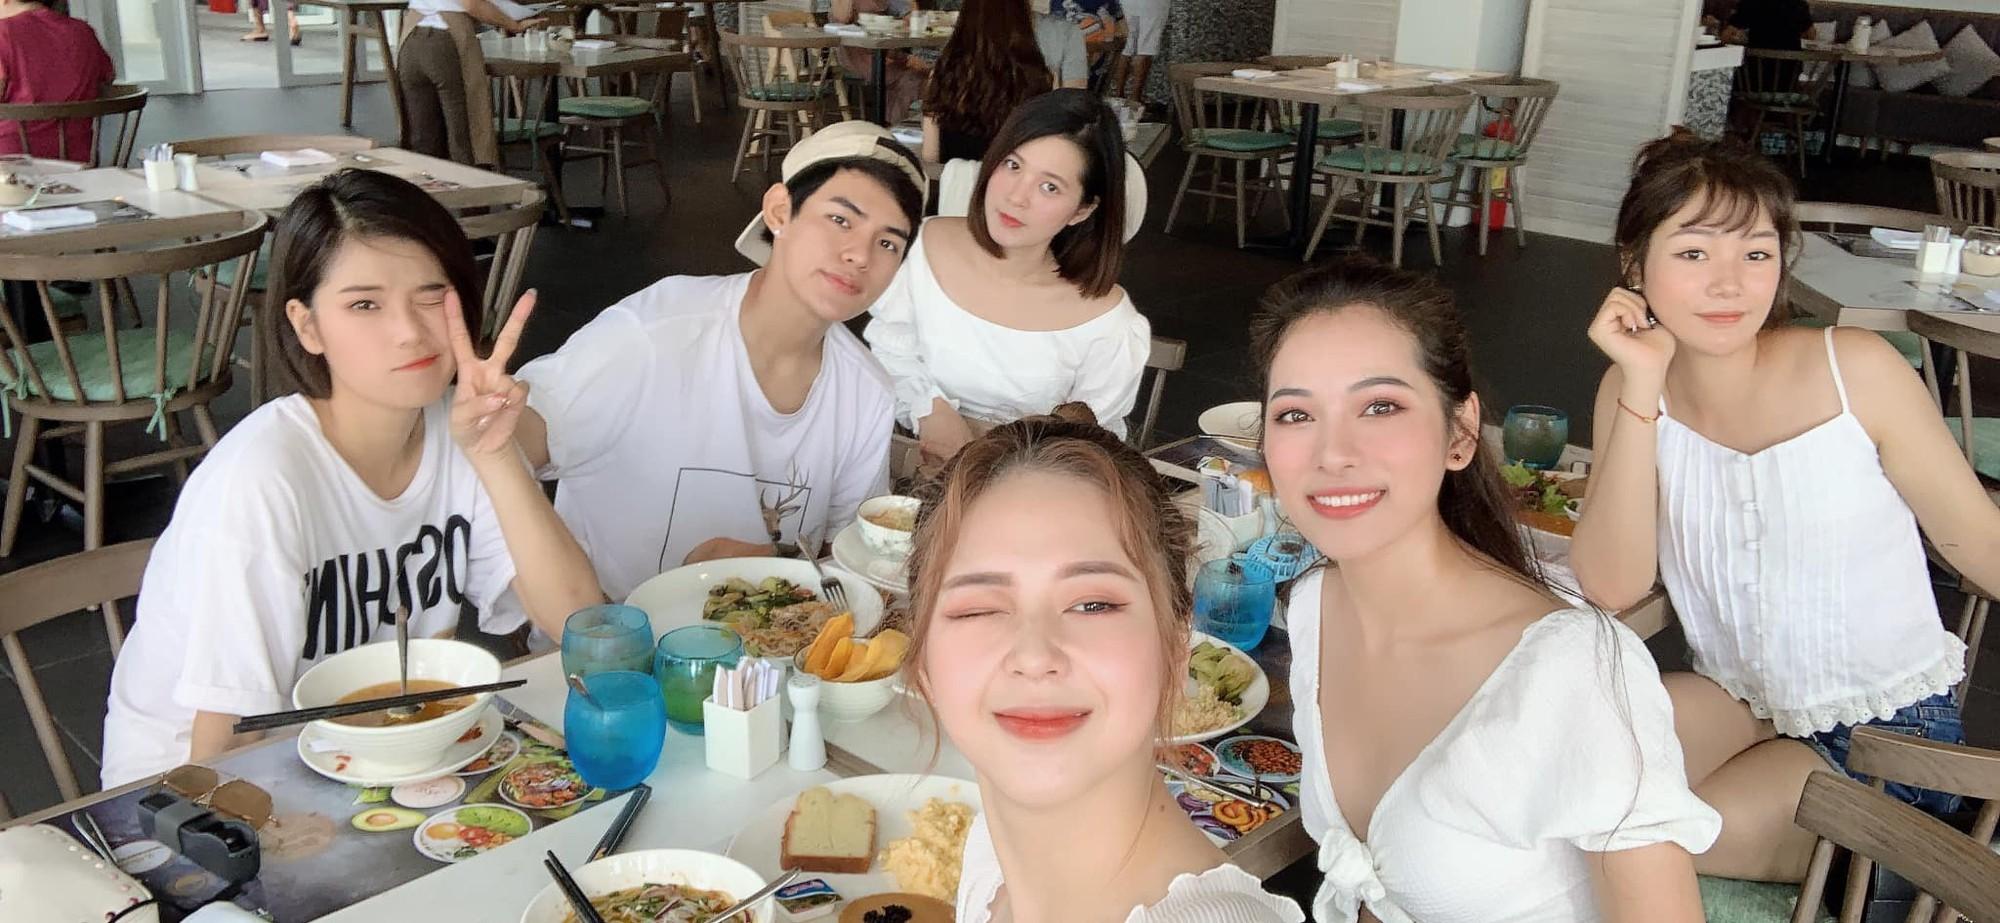 Bạn gái Dương Khắc Linh đưa cả hội bạn thân đi du lịch, tổ chức tiệc độc thân trước ngày cưới - Ảnh 3.